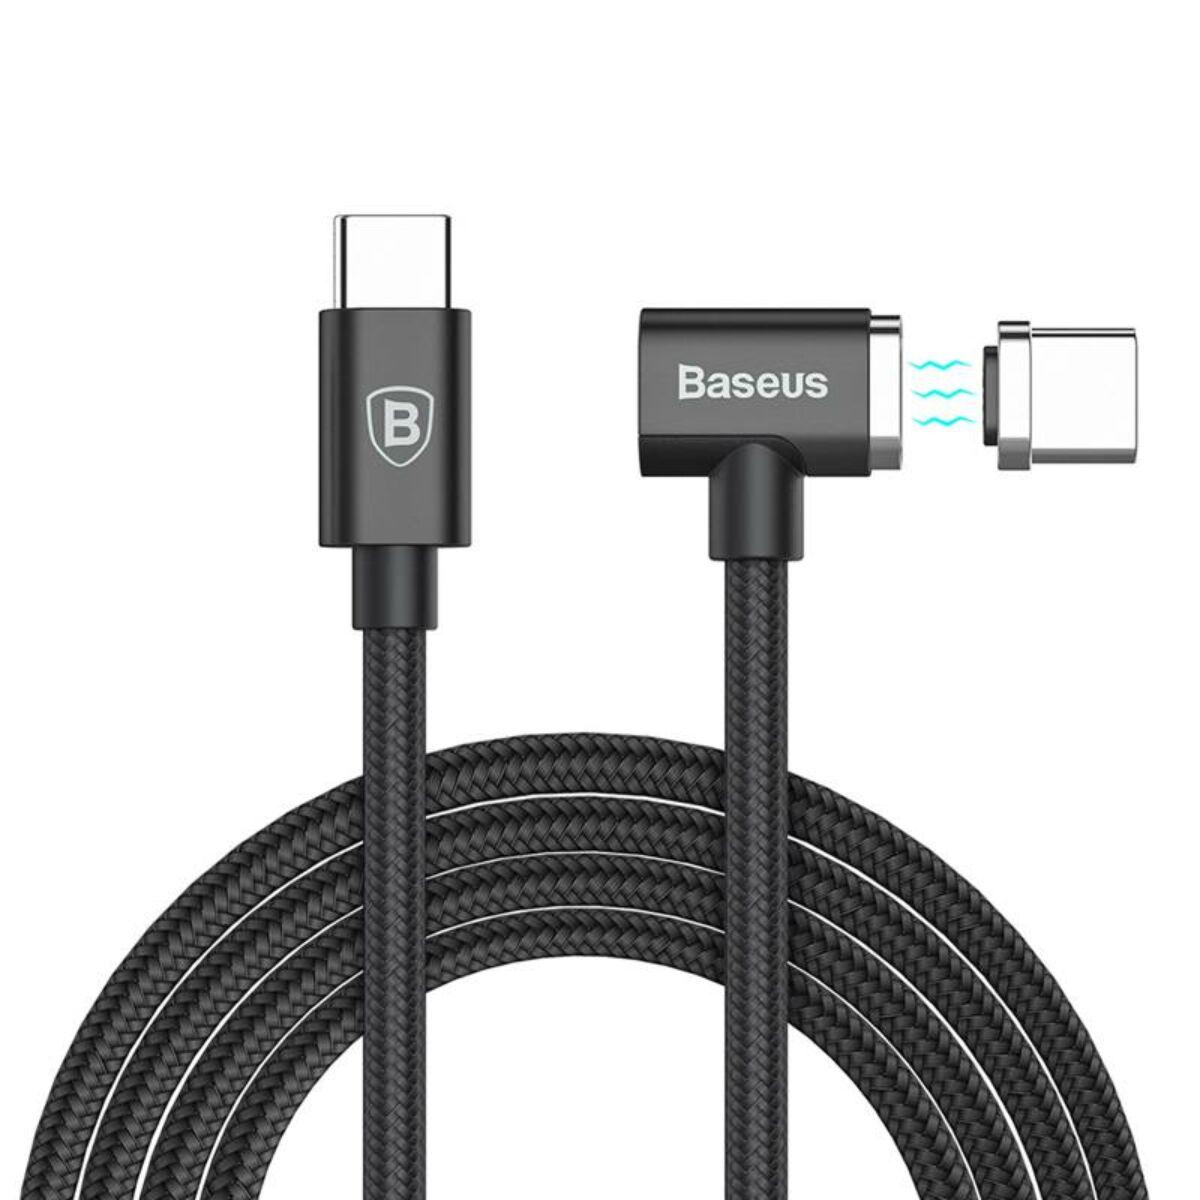 Baseus Mágneses kábel, Type-C - Type-C töltős Laptophoz max 86W, 4.3A, 1.5m, fekete (CATBL-01)